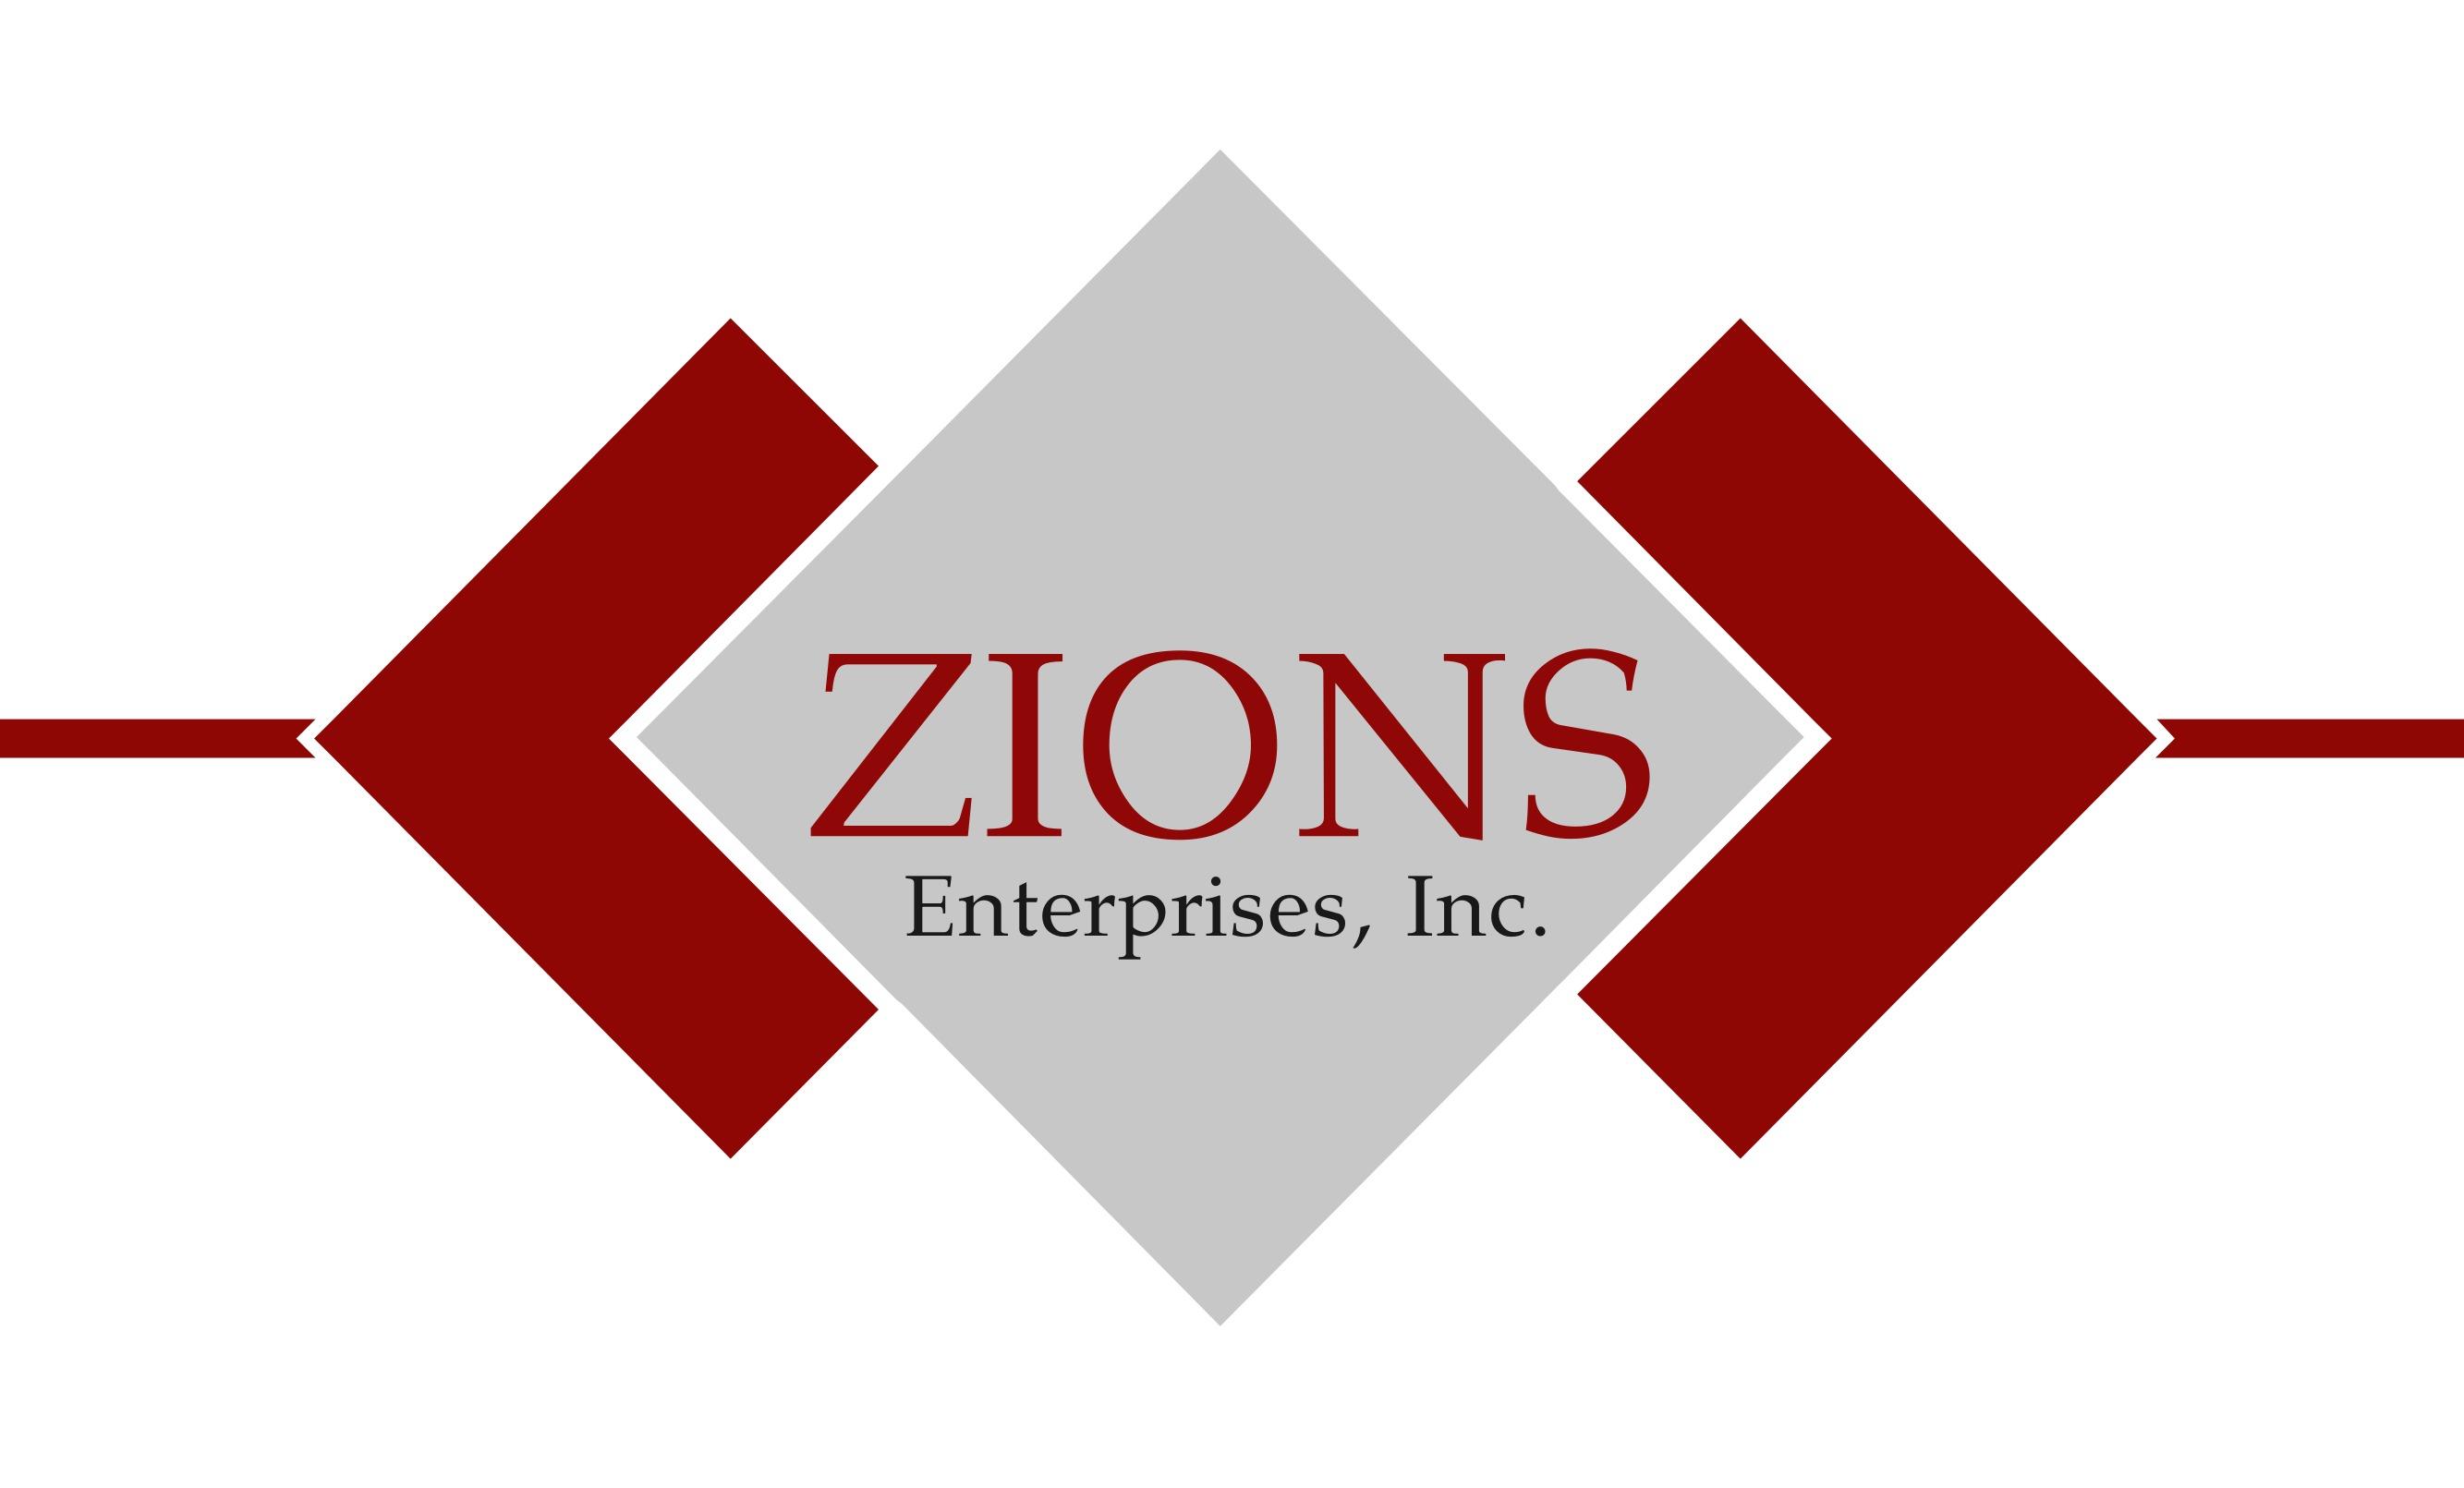 Zions Enterprises, Inc. Logo